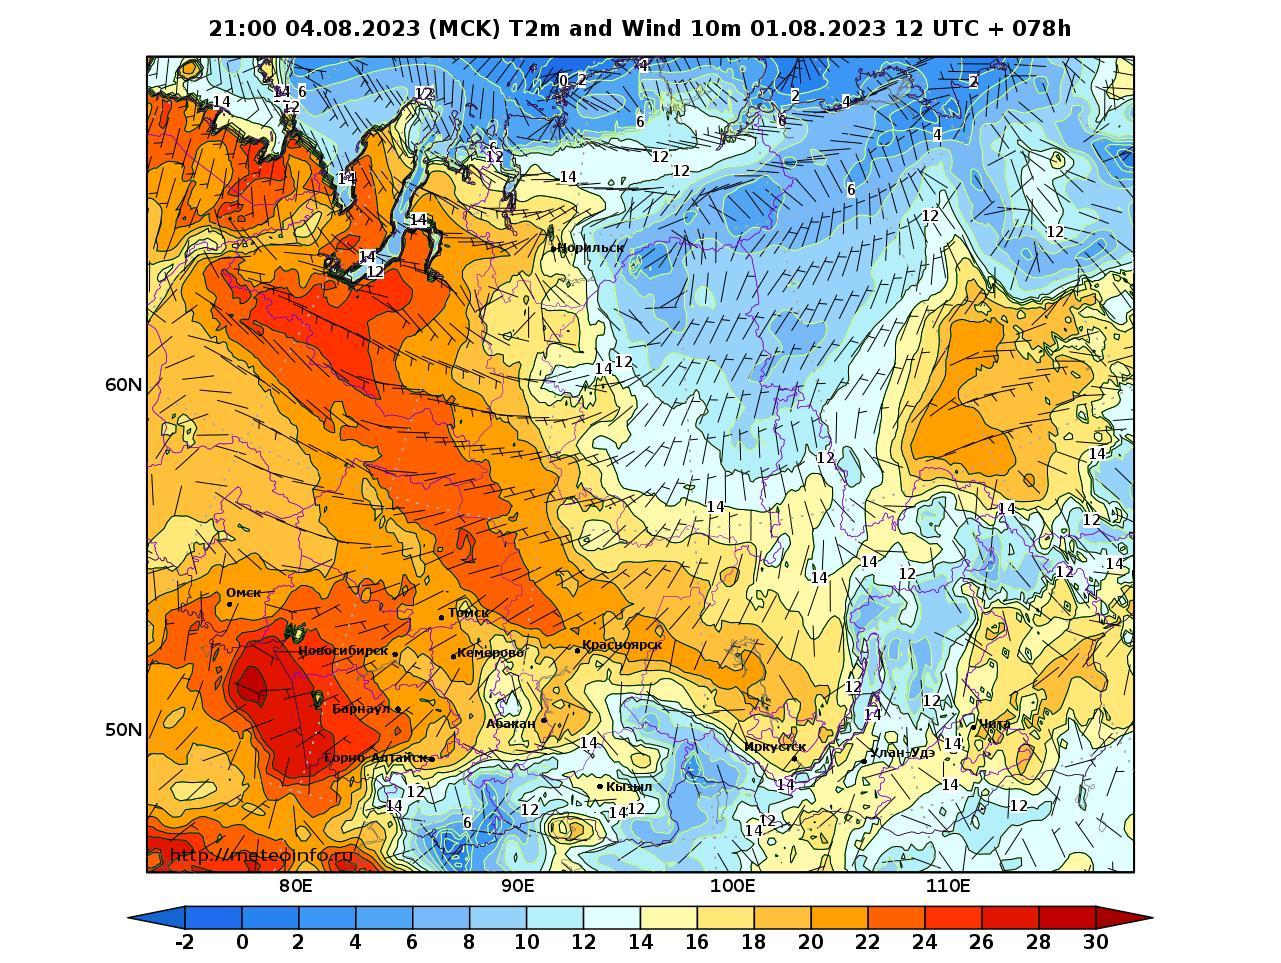 Сибирский Федеральный округ, прогностическая карта приземная температура, заблаговременность прогноза 78 часов